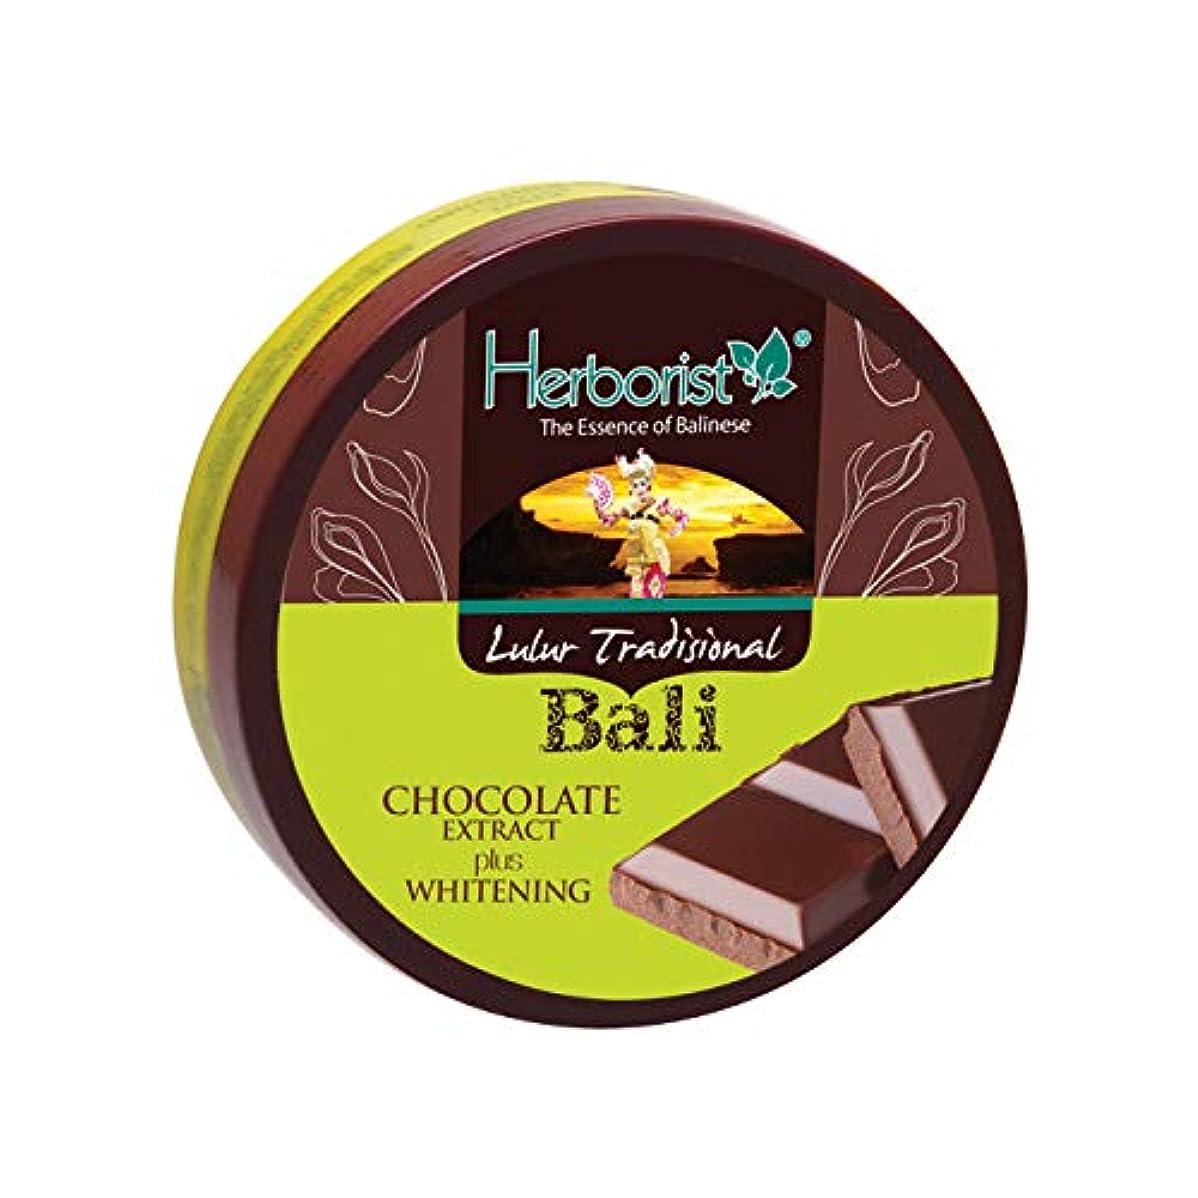 大破プロット寝具Herborist ハーボリスト インドネシアバリ島の伝統的なボディスクラブ Lulur Tradisional Bali ルルールトラディショナルバリ 100g Chocolate チョコレート [海外直送品]